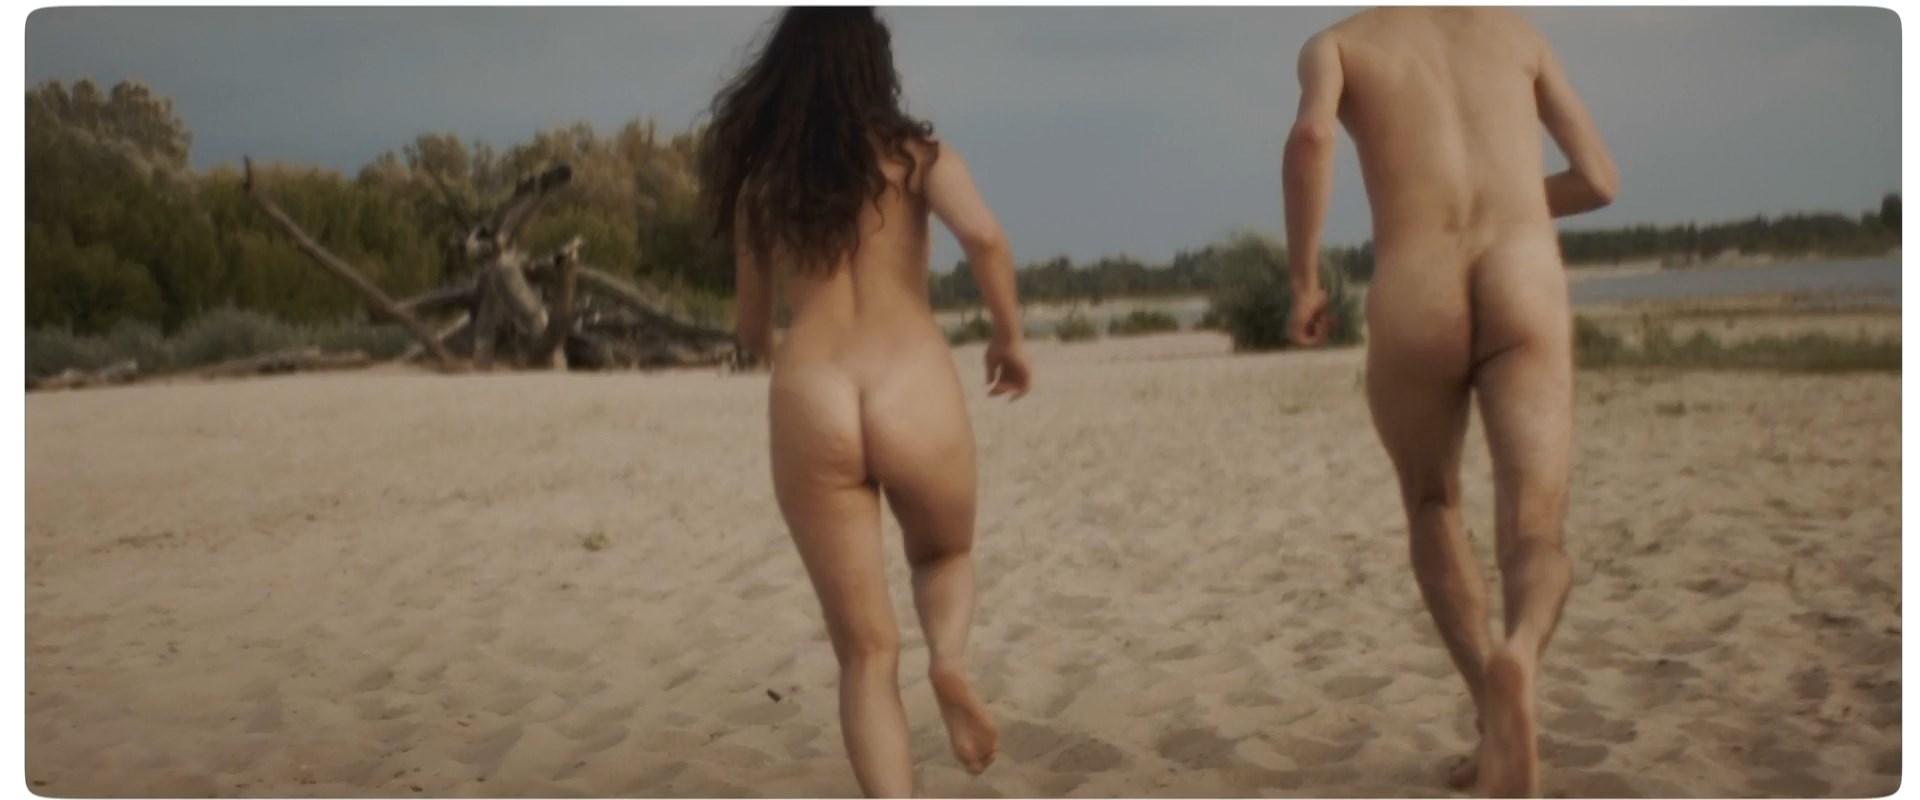 Agnieszka Jastrzebska nude - Cieply wiatr (2019)